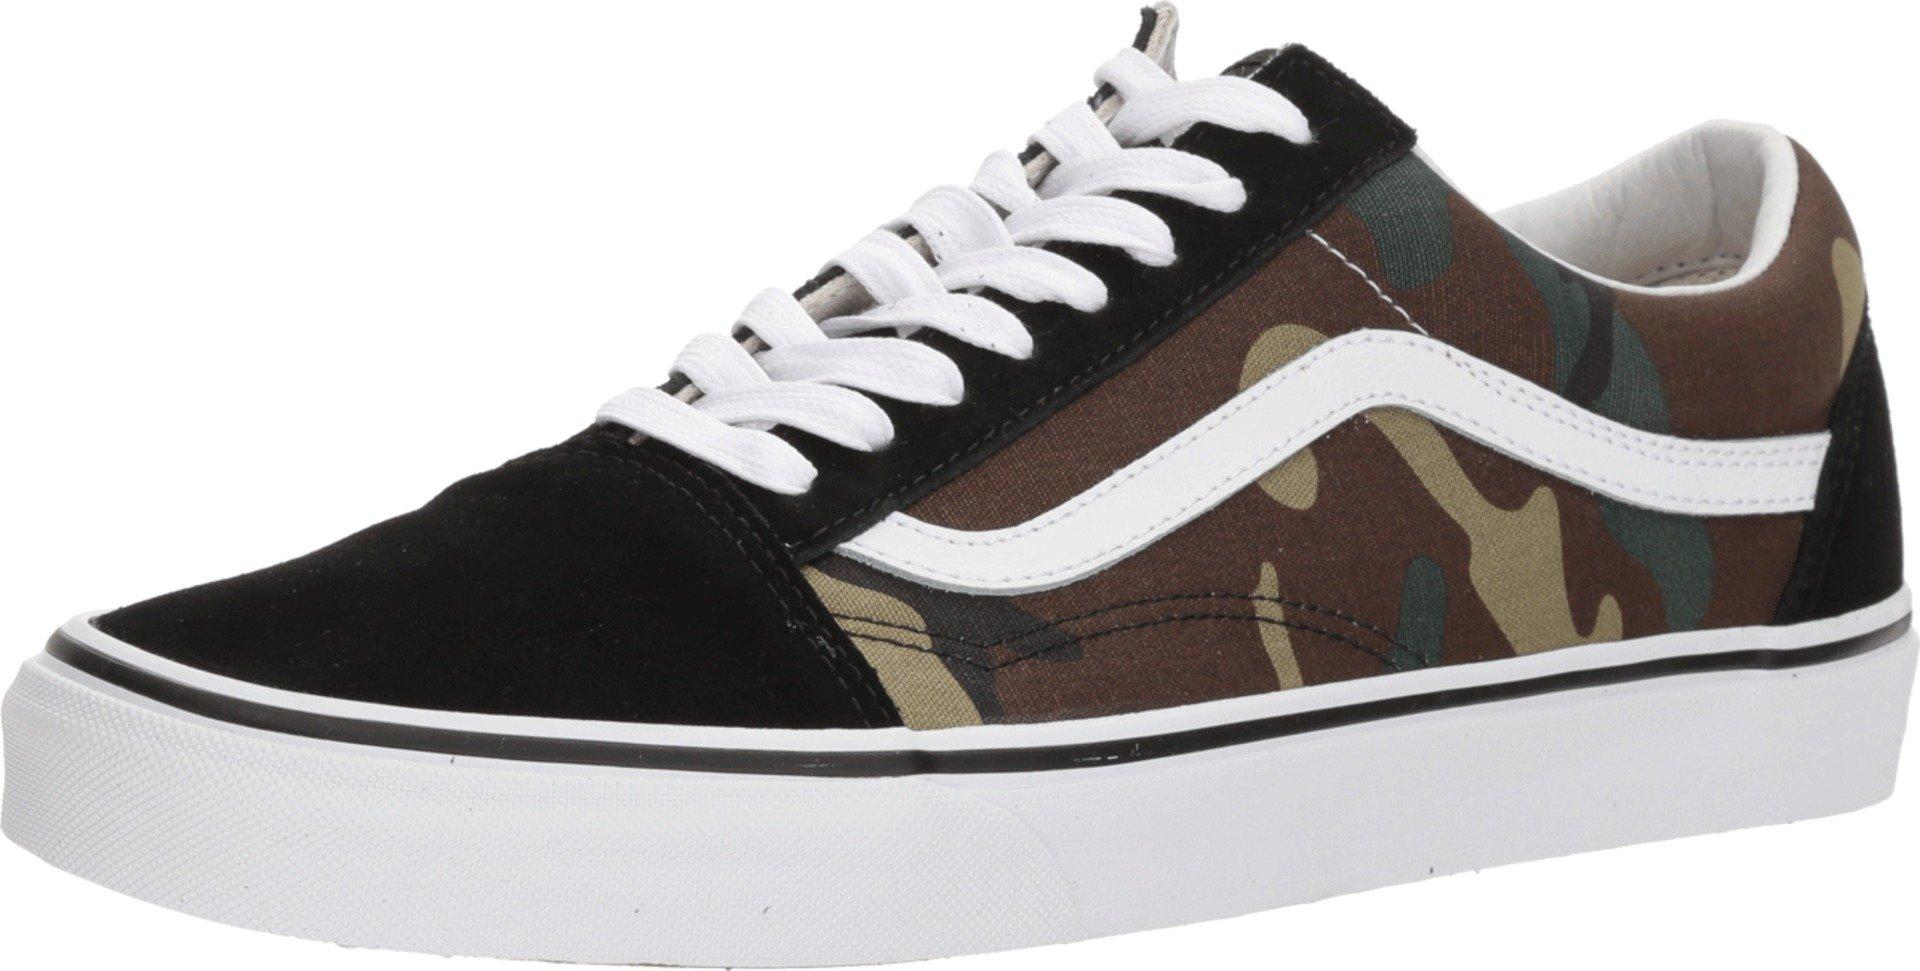 Vans Old Skool Skate Shoe (11.5 Women